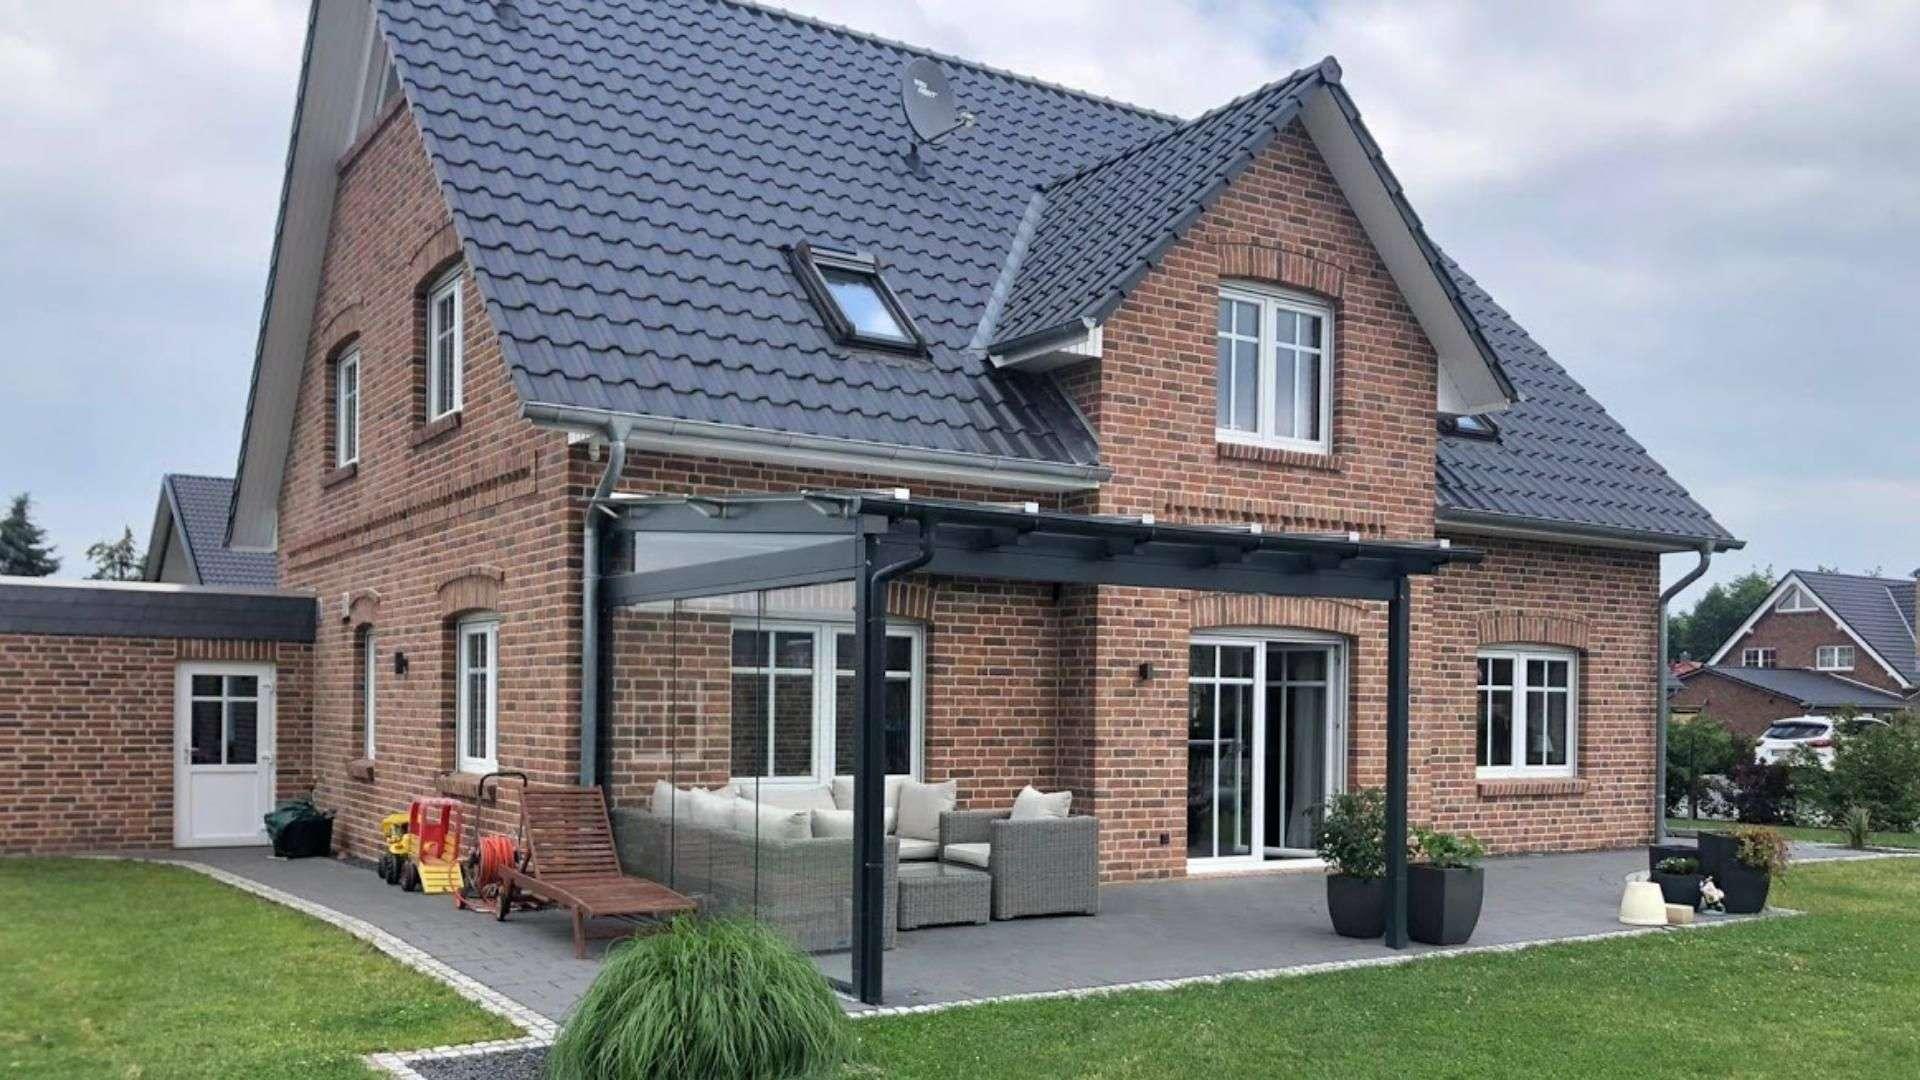 Einfamilienhaus mit Terrassendach auf der Terrasse